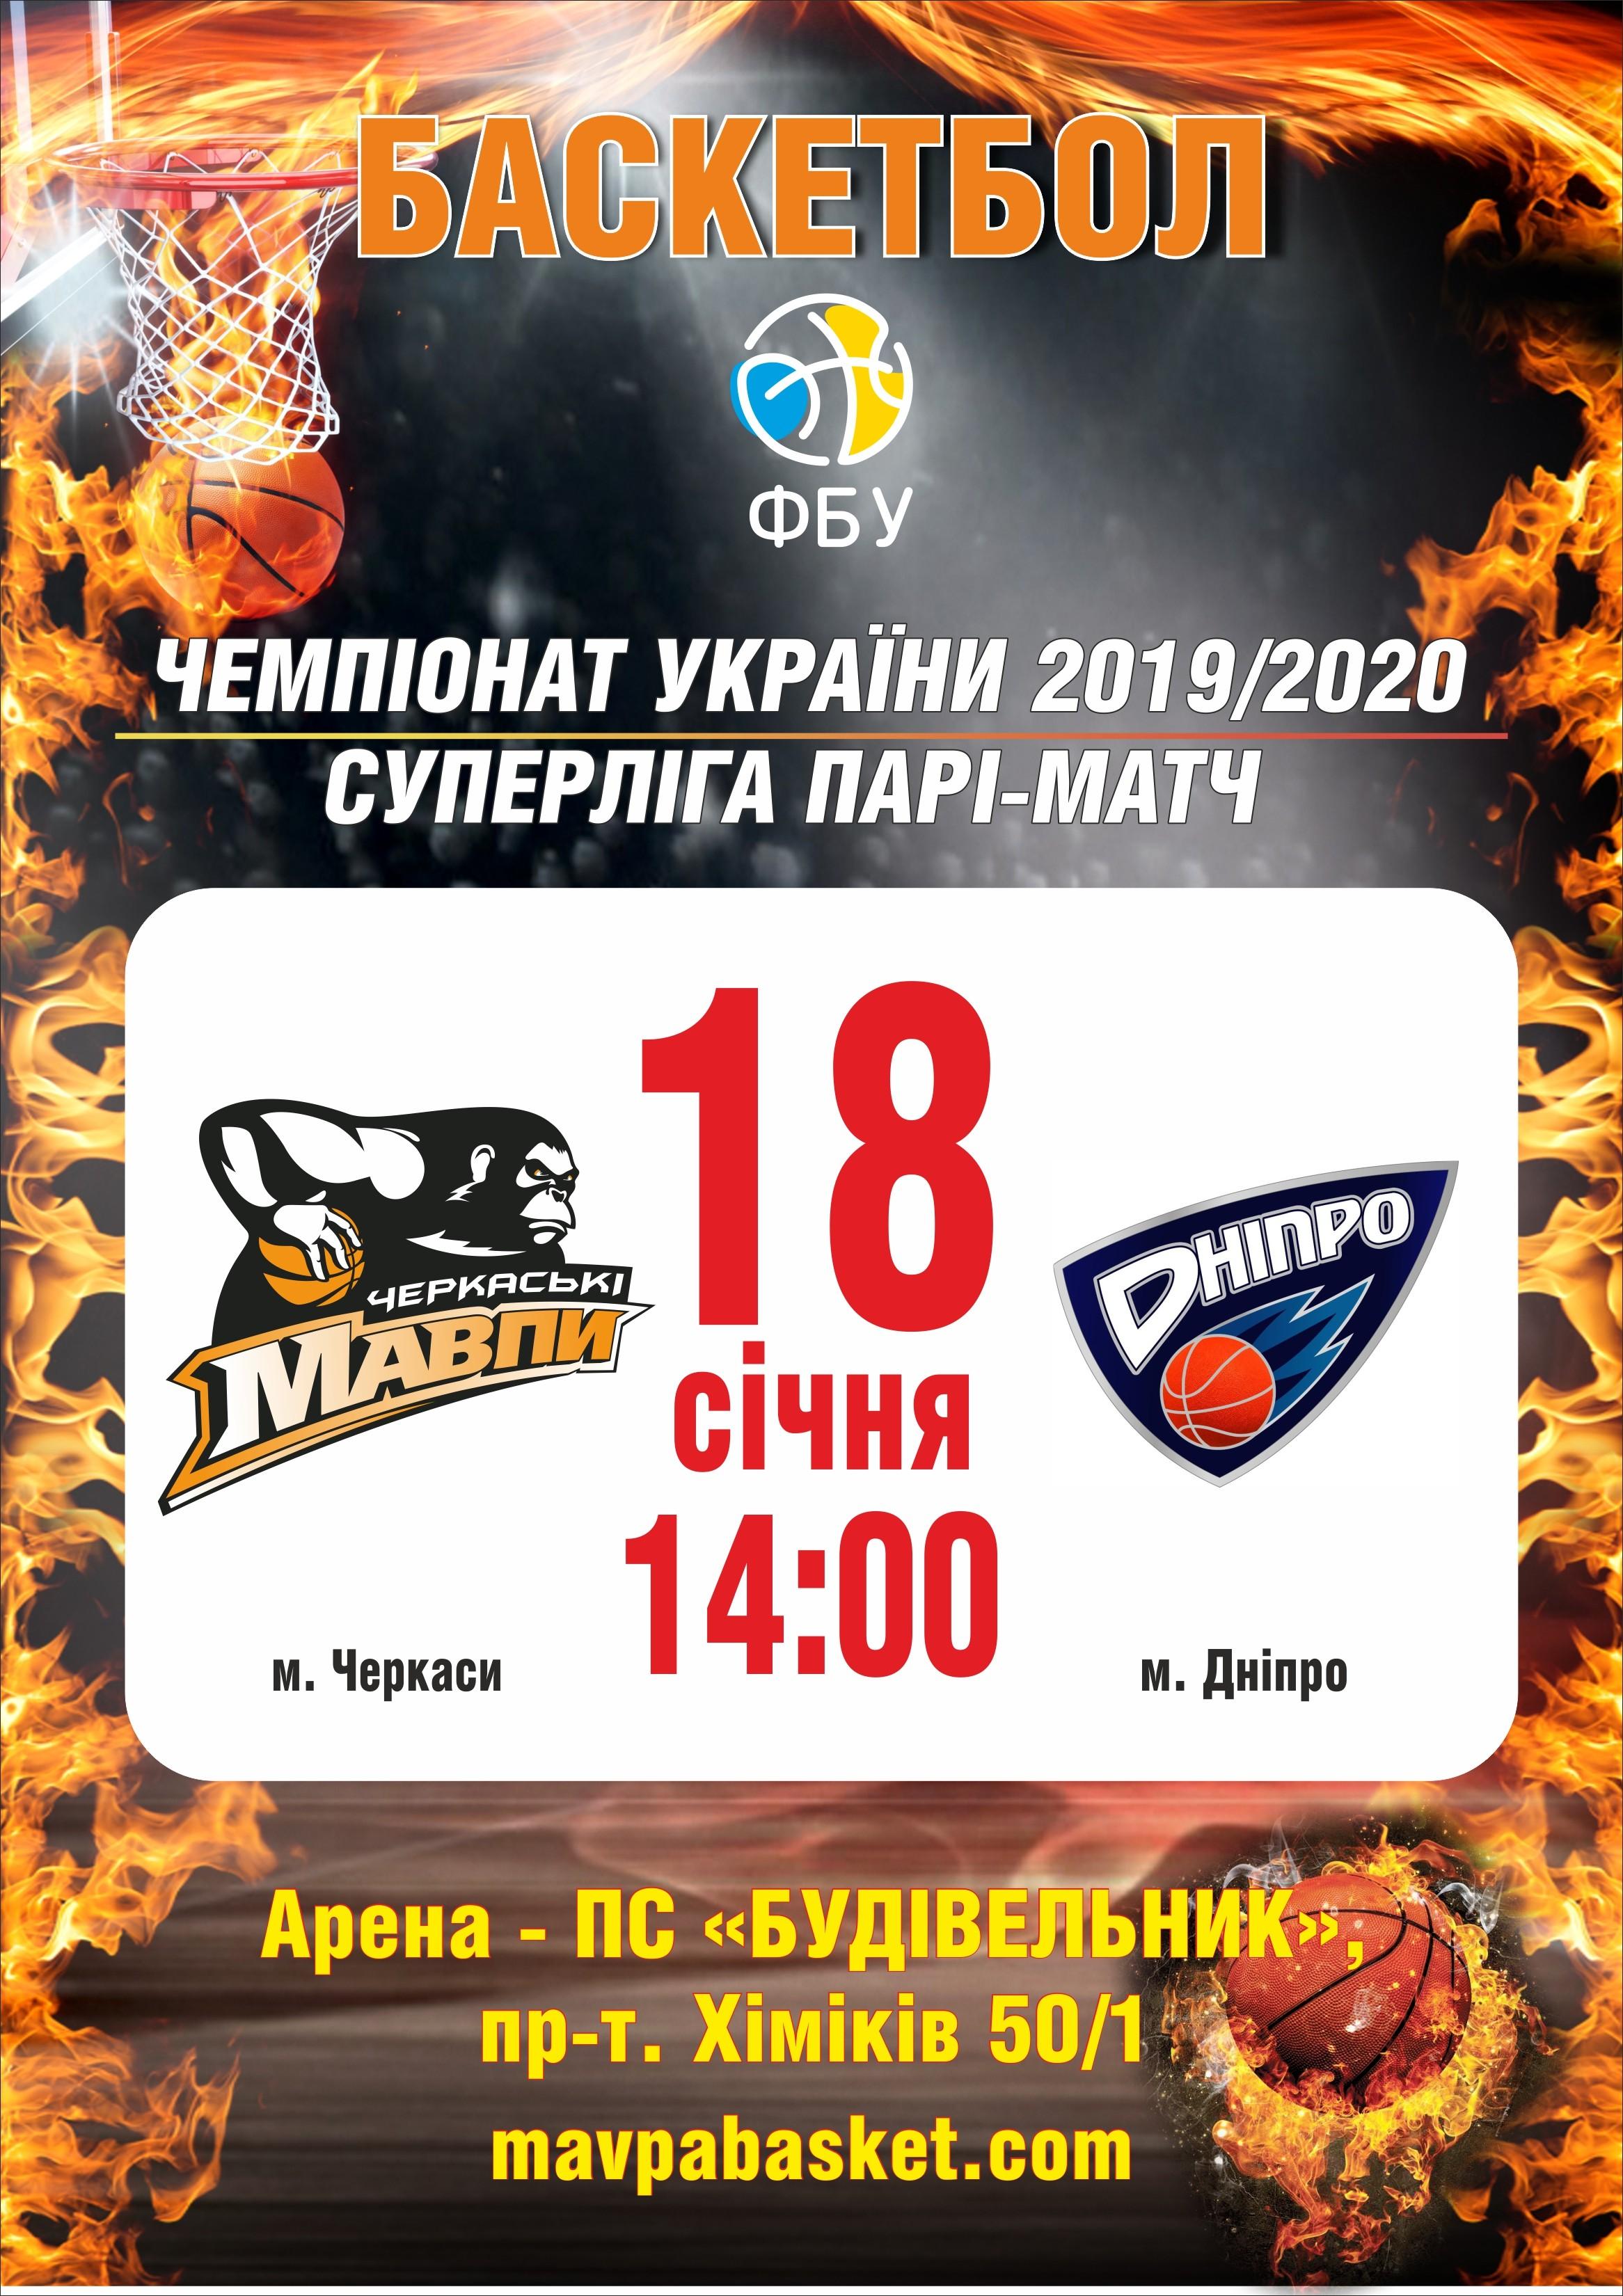 Билеты Баскетбол. Черкаські Мавпи - БК Дніпро